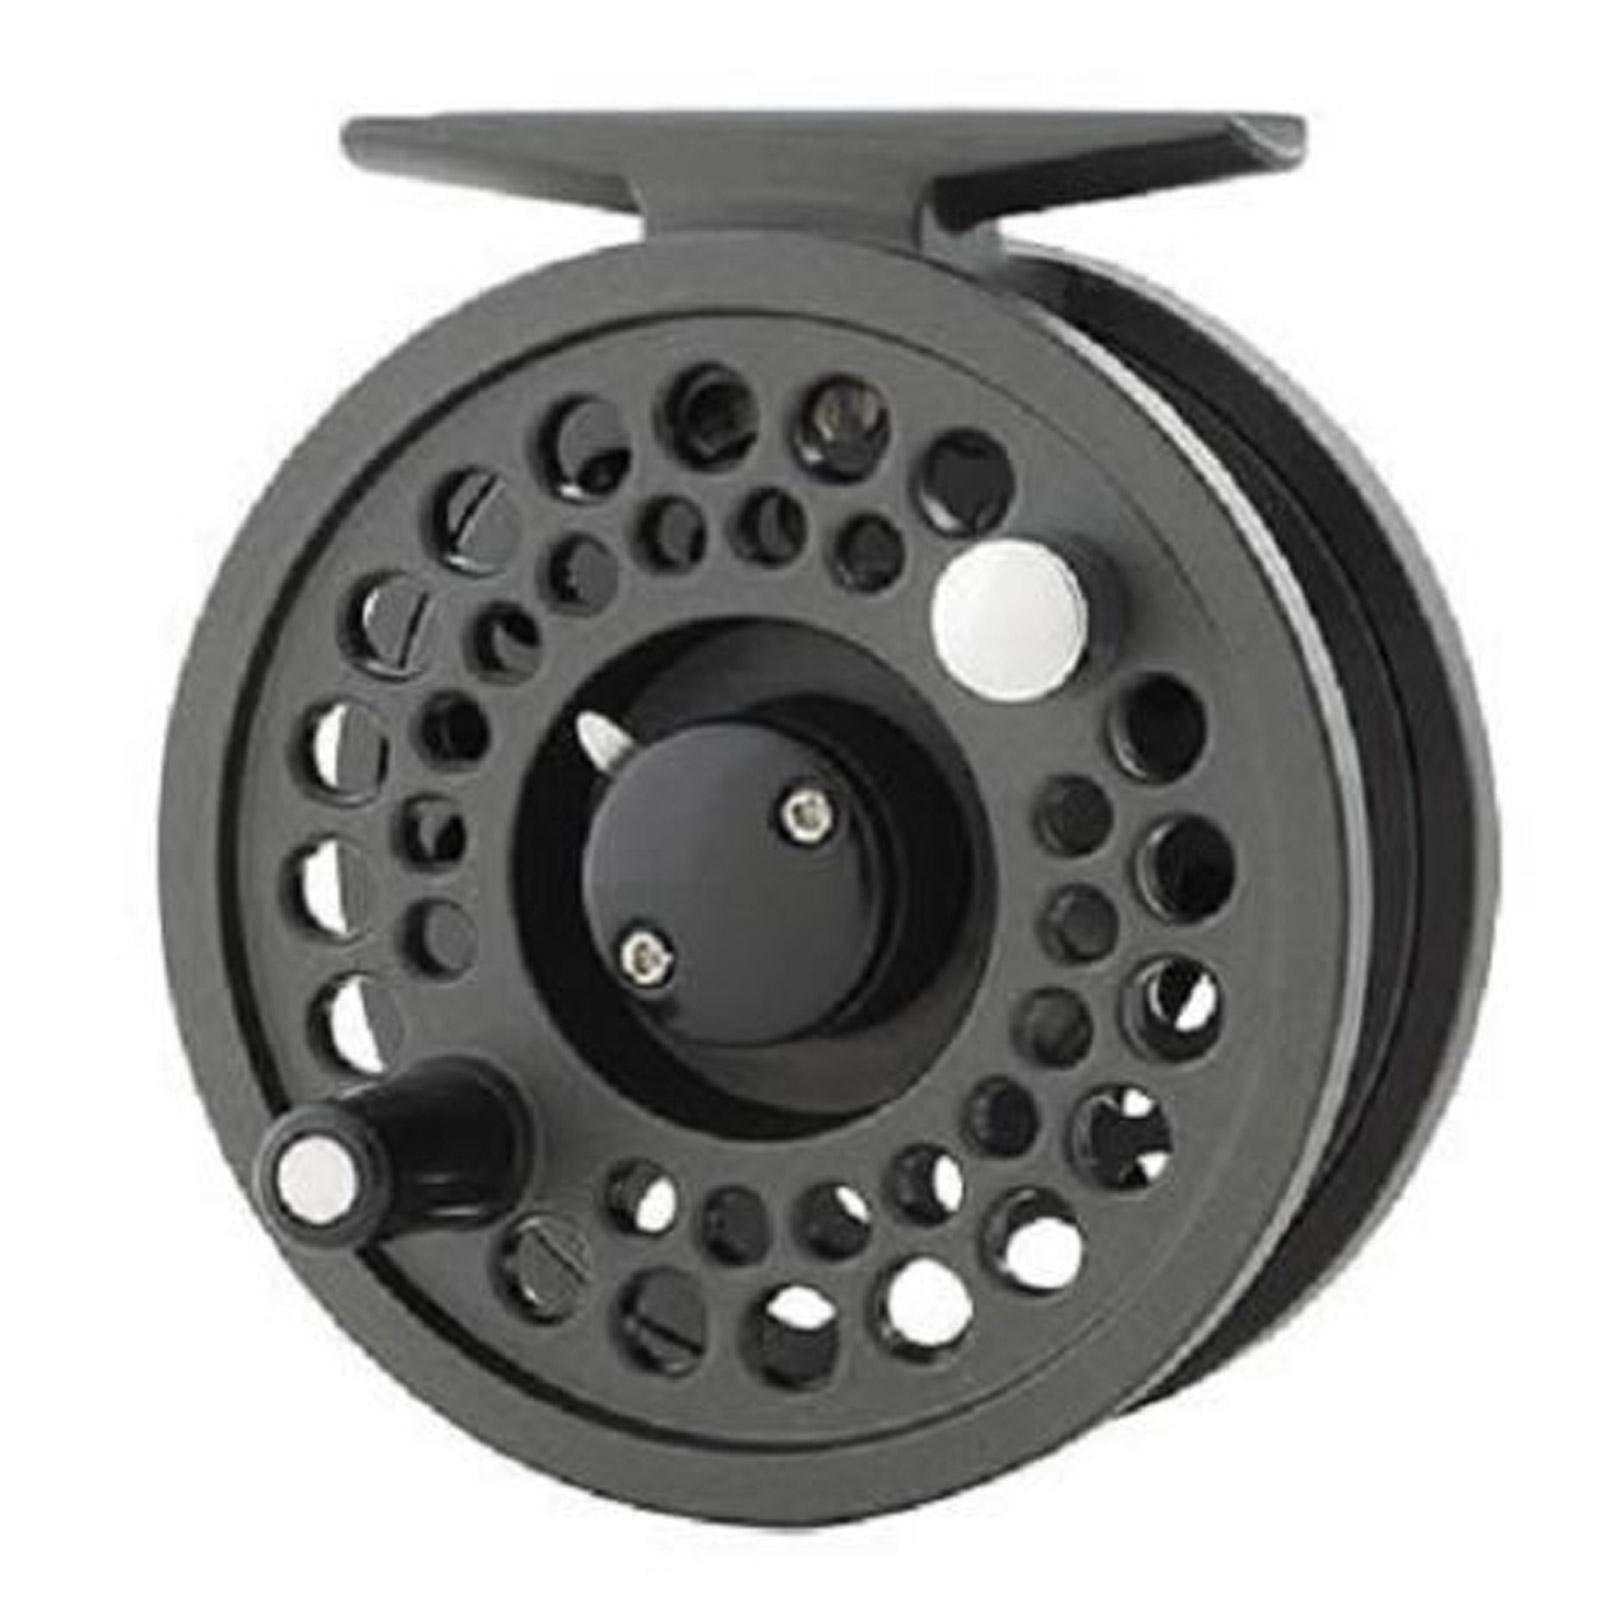 Daiwa lochmor a ml fly fishing reel 1 1 ratio lm200a ebay for Fly fishing reels